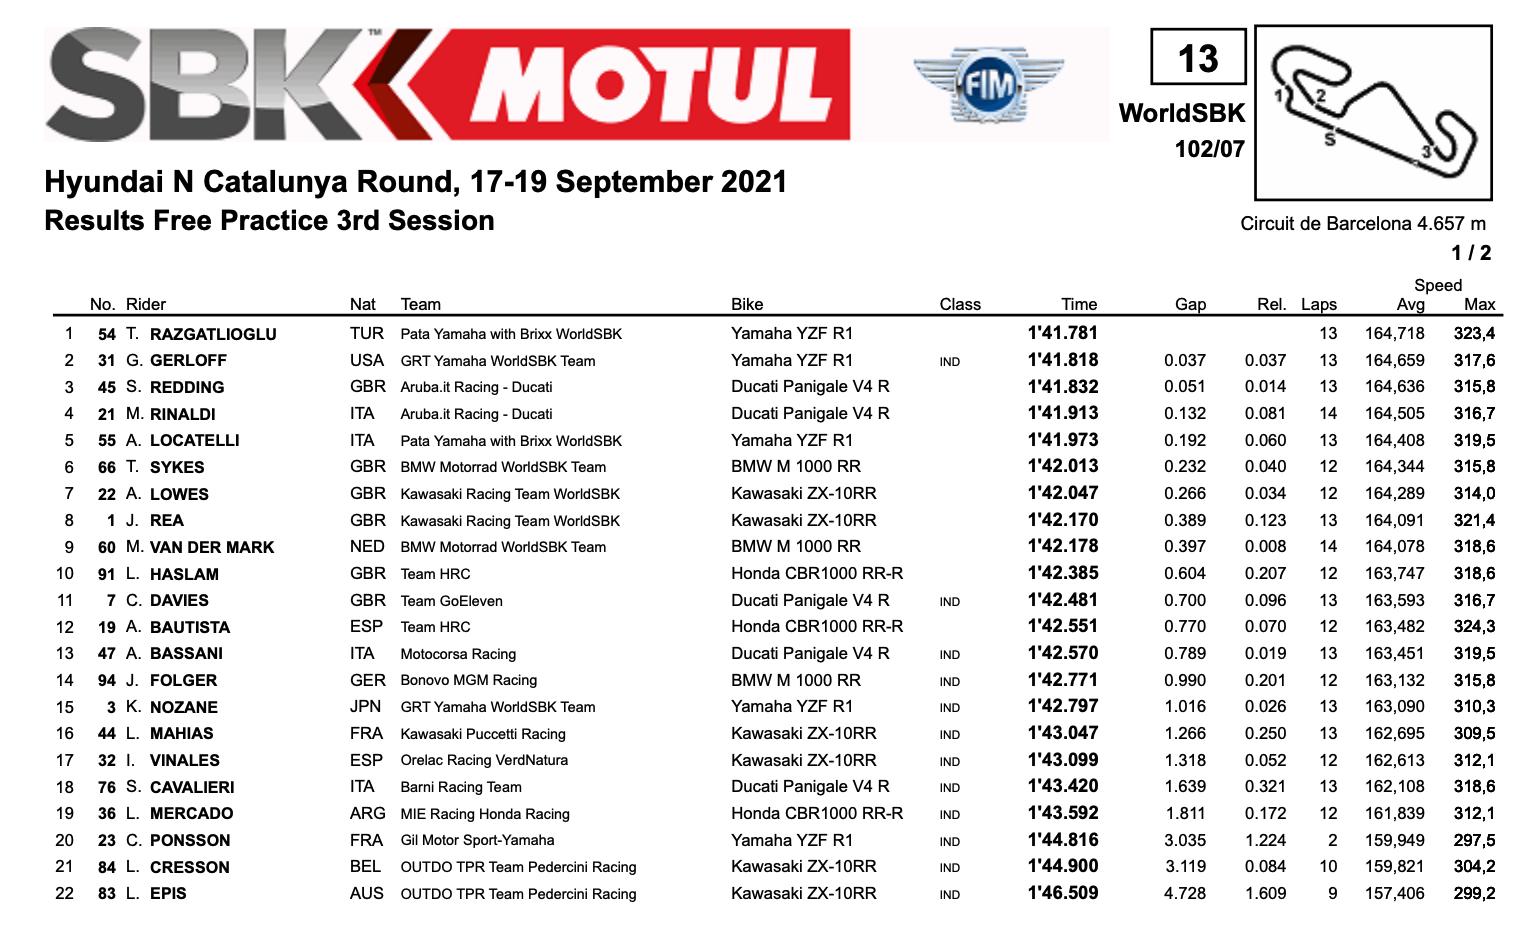 FIM スーパーバイク世界選手権(SBK)カタルーニャ戦のFP3結果だ。トップタイムを記録したのはヤマハのトプラック・ラズガトリオグル、2位ギャレット・ガーロフ、3位スコット・レディング、4位マイケル・ルーベン・リナルディ、5位ロカテッリ、6位トム・サイクス、7位アレックス・ロウズ、8位ジョナサン・レイ、9位マイケル・ファン・デル・マーク、10位レオン・ハスラムとなった。